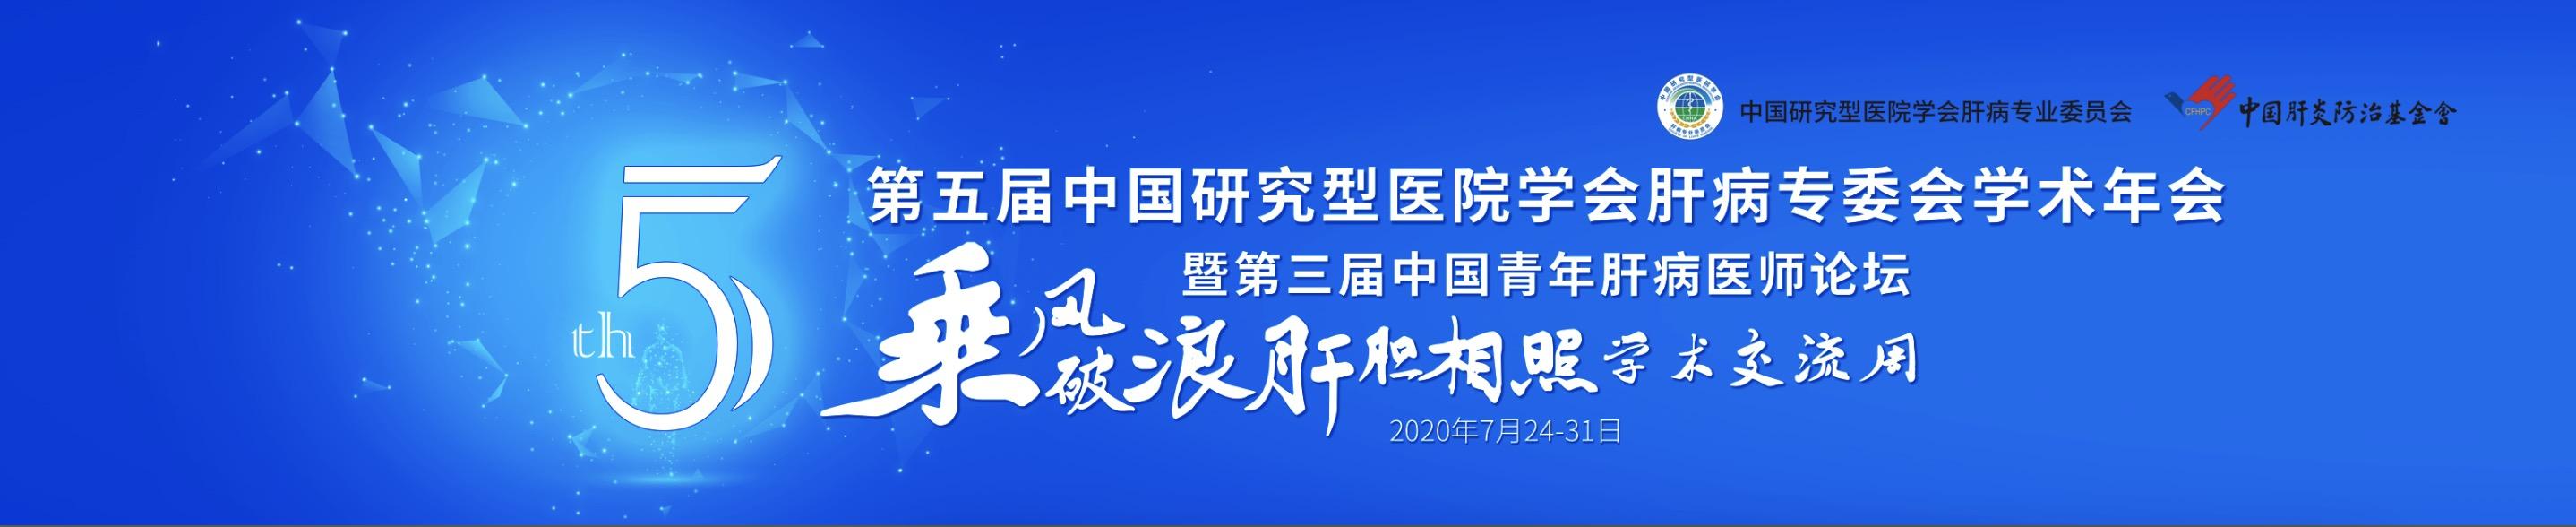 第五届中国研究型医院学会肝病专委会学术年会暨中国研究型医院学会肝病专委会第三届中国青年肝病医师论坛